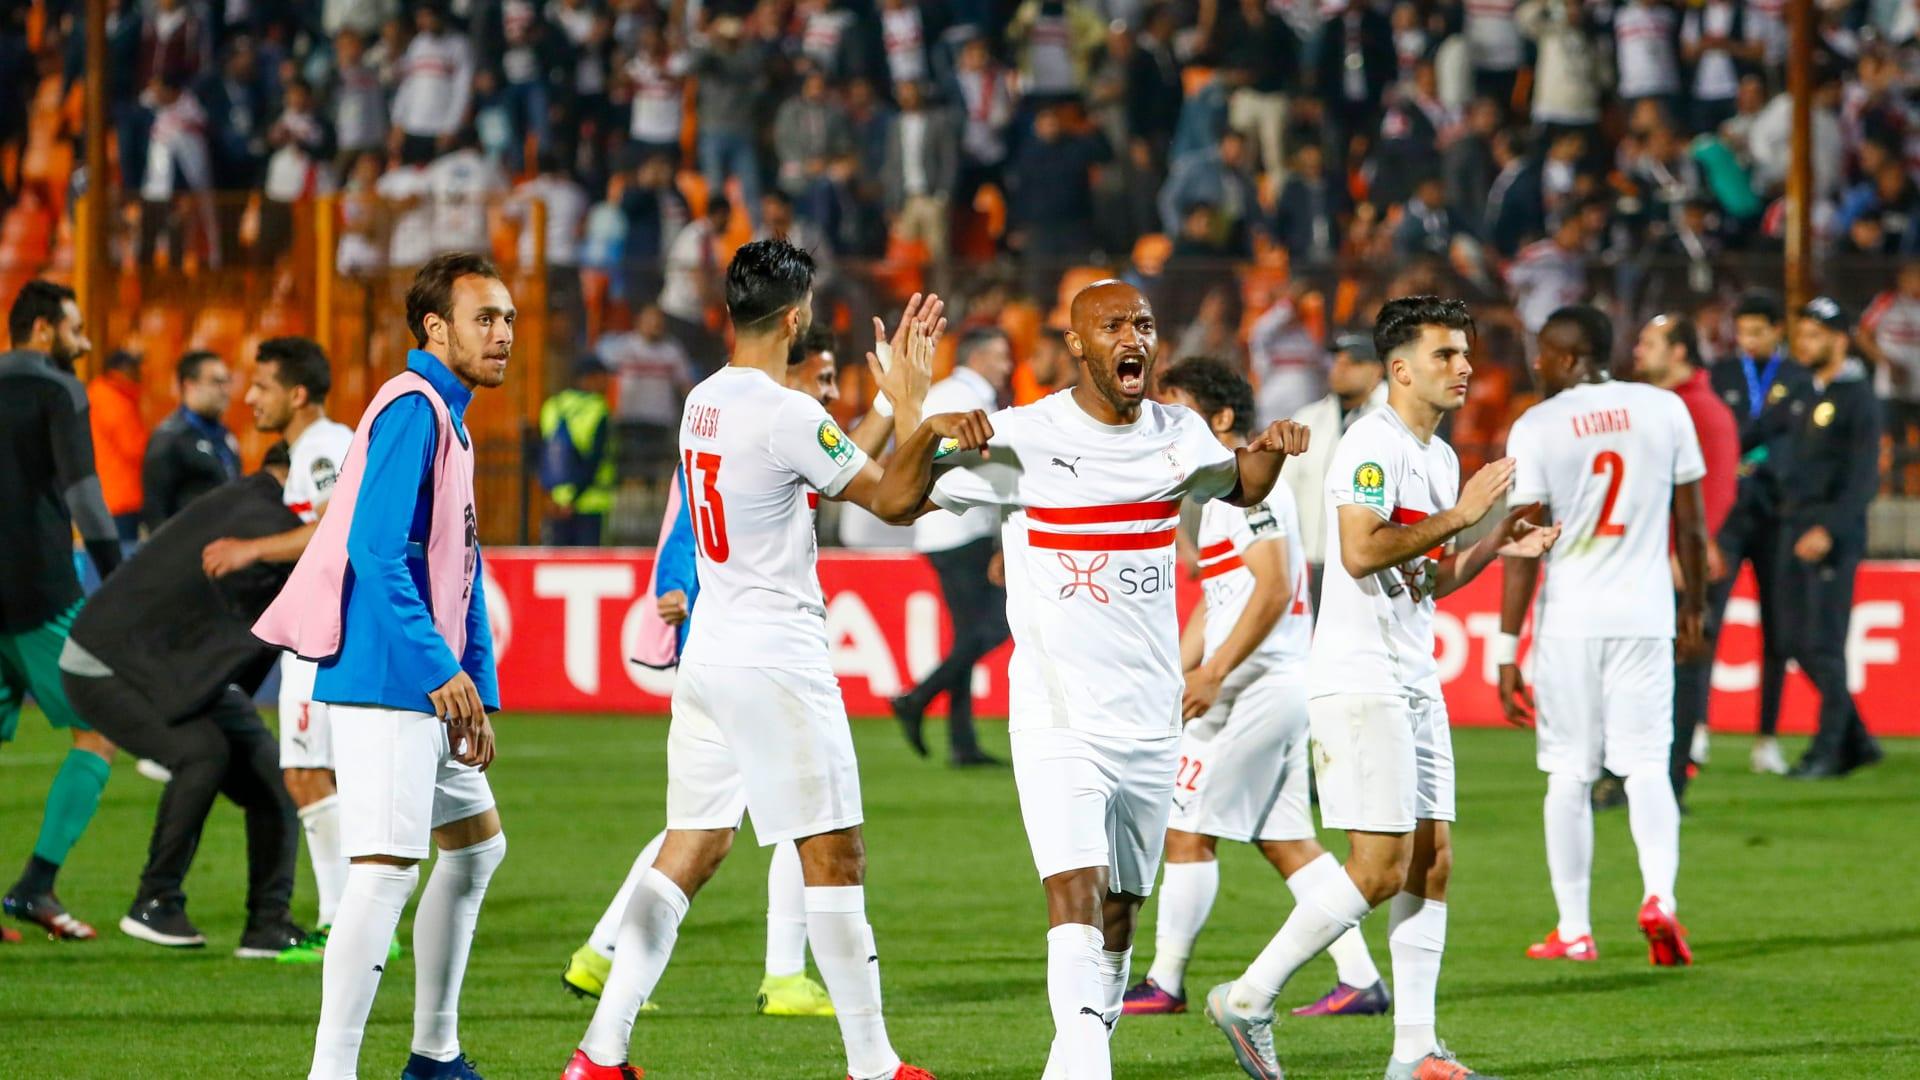 الزمالك المصري يتأهل لنصف نهائي دوري أبطال أفريقيا رغم هزيمته من الترجي